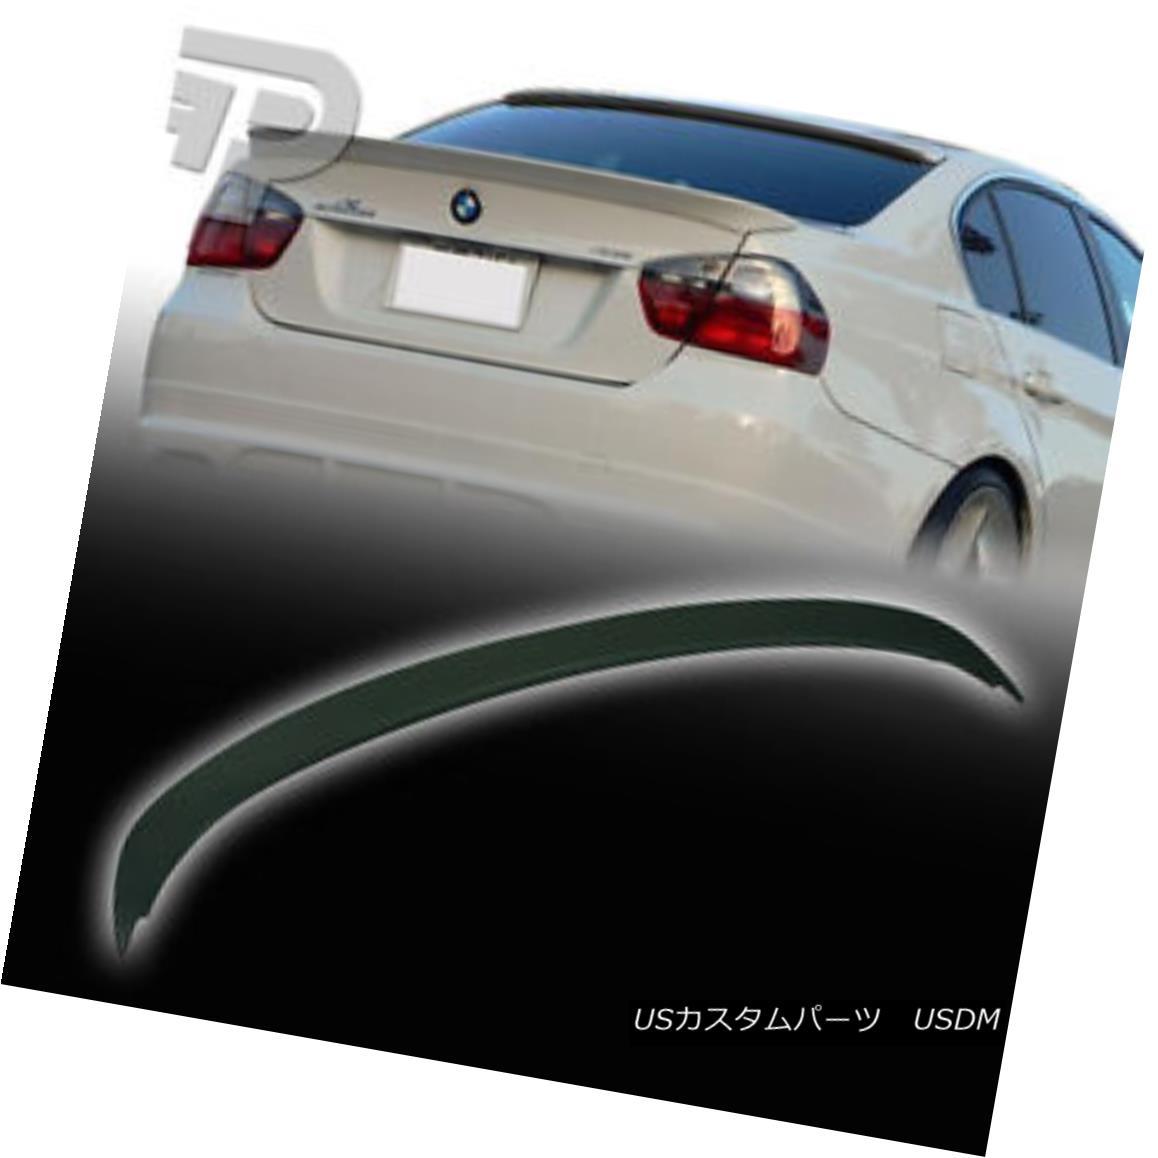 エアロパーツ UNPAINTED ABS 3-SERIES BMW E90 4D SEDAN A TYPE BOOT TRUNK SPOILER 06-11 M3 未塗装ABS 3シリーズBMW E90 4D SEDAN Aタイプのブーツ・トゥ・トゥ・スポイラー06-11 M3